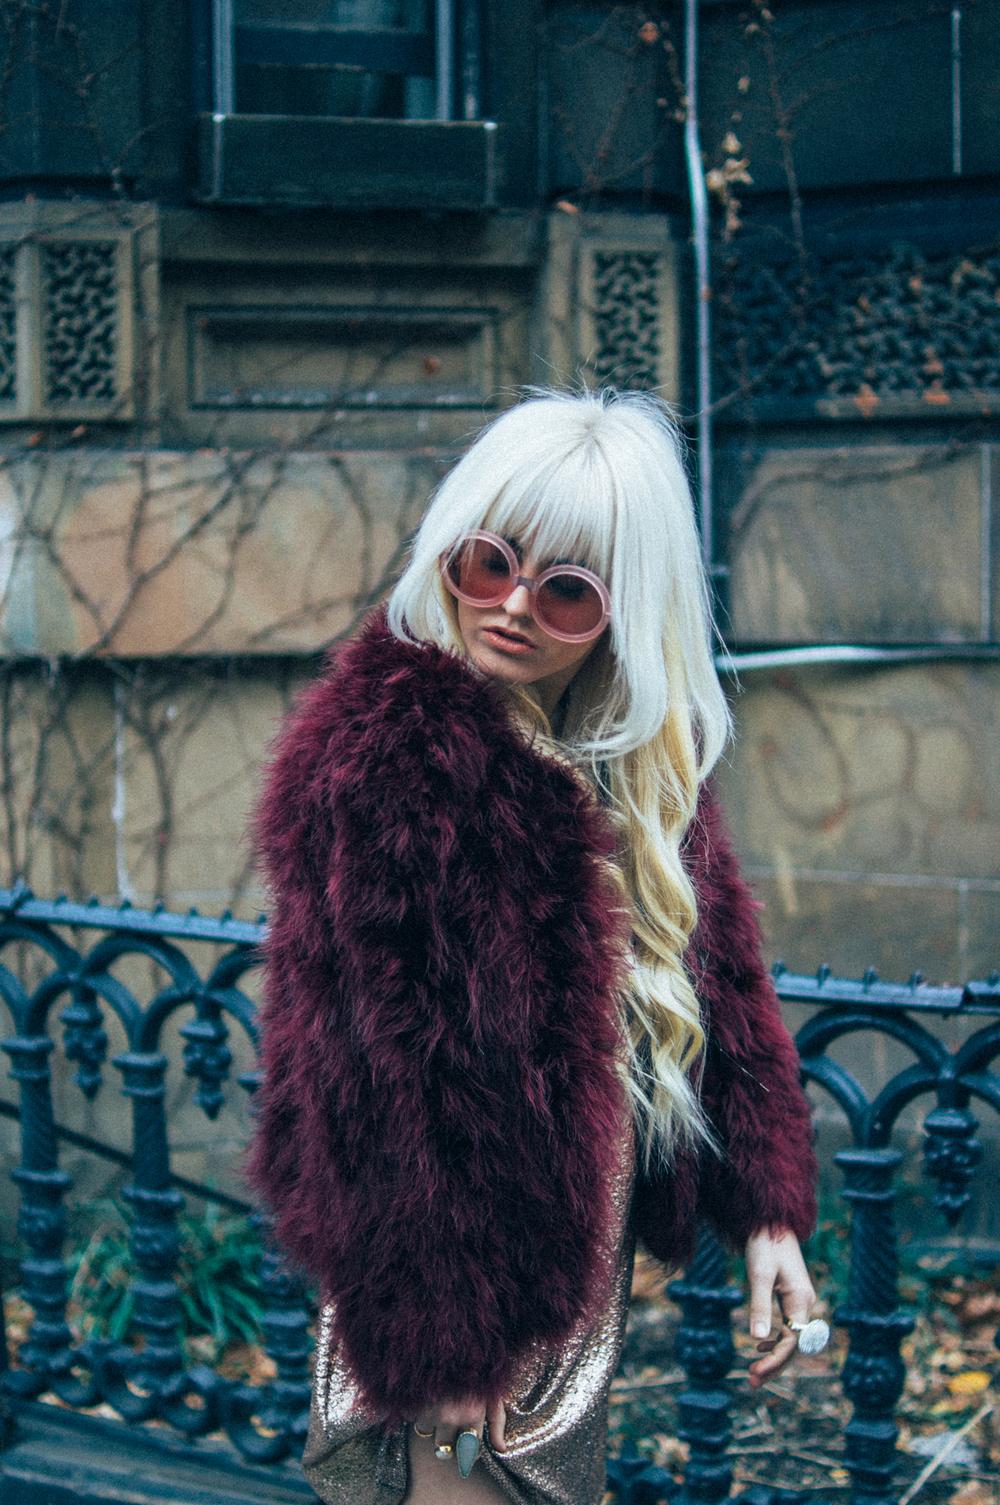 I Hate Blonde